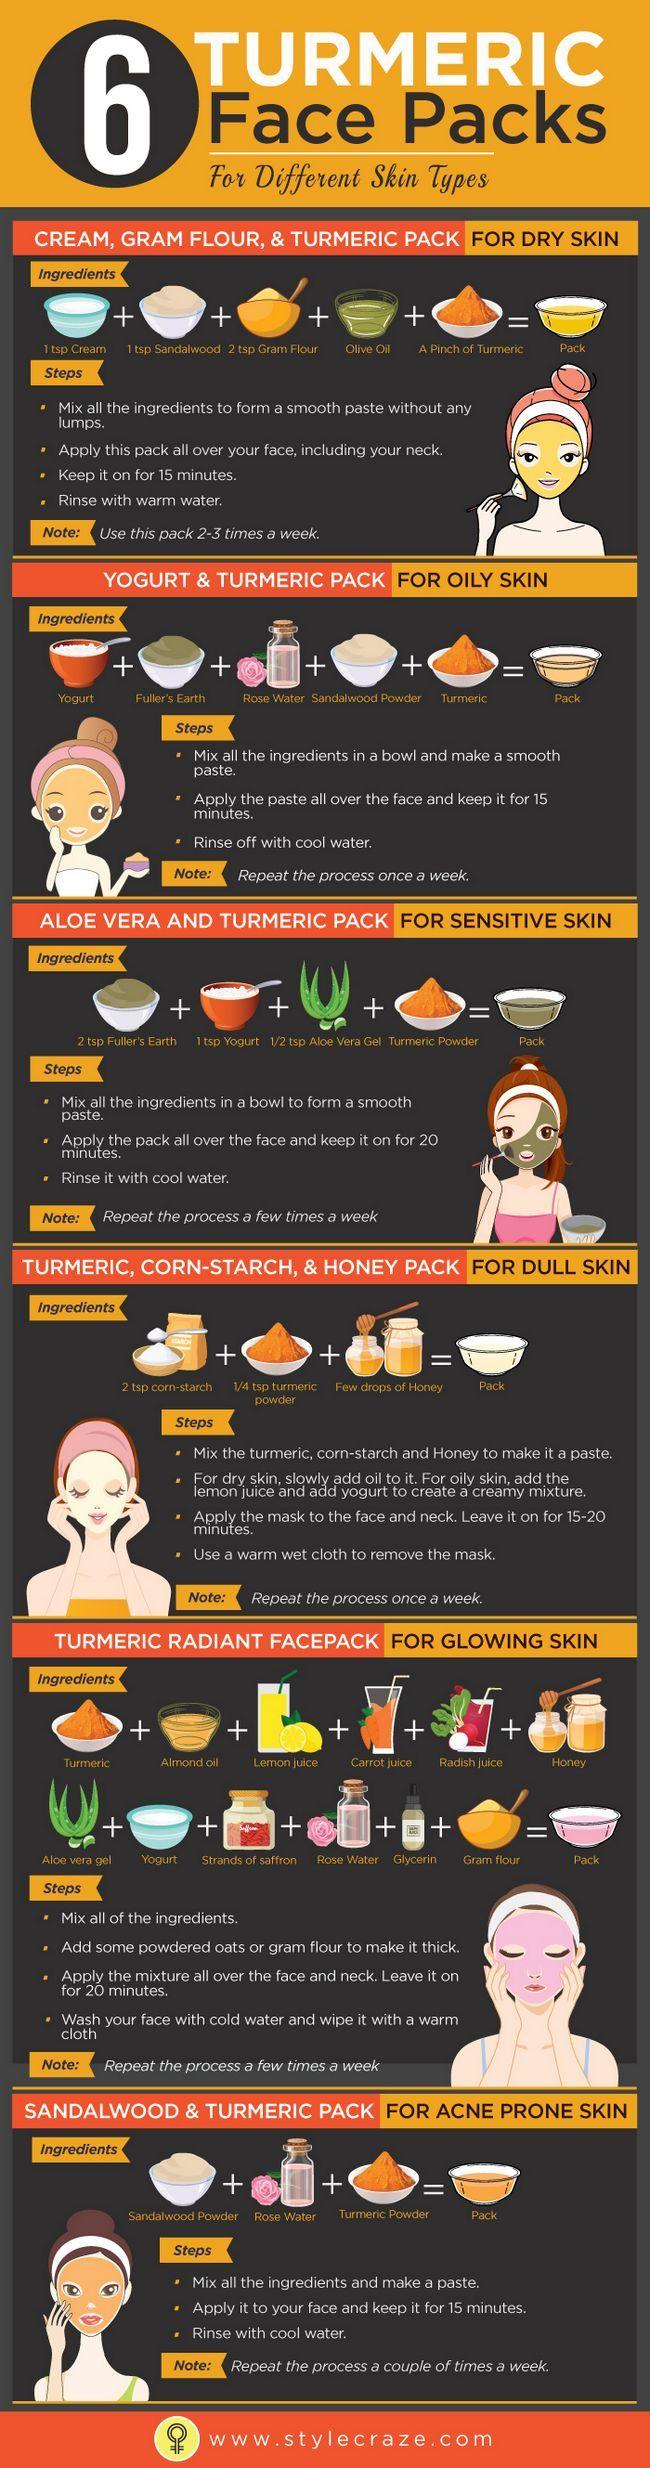 10 Étonnants face packs pour le curcuma différents types de peau